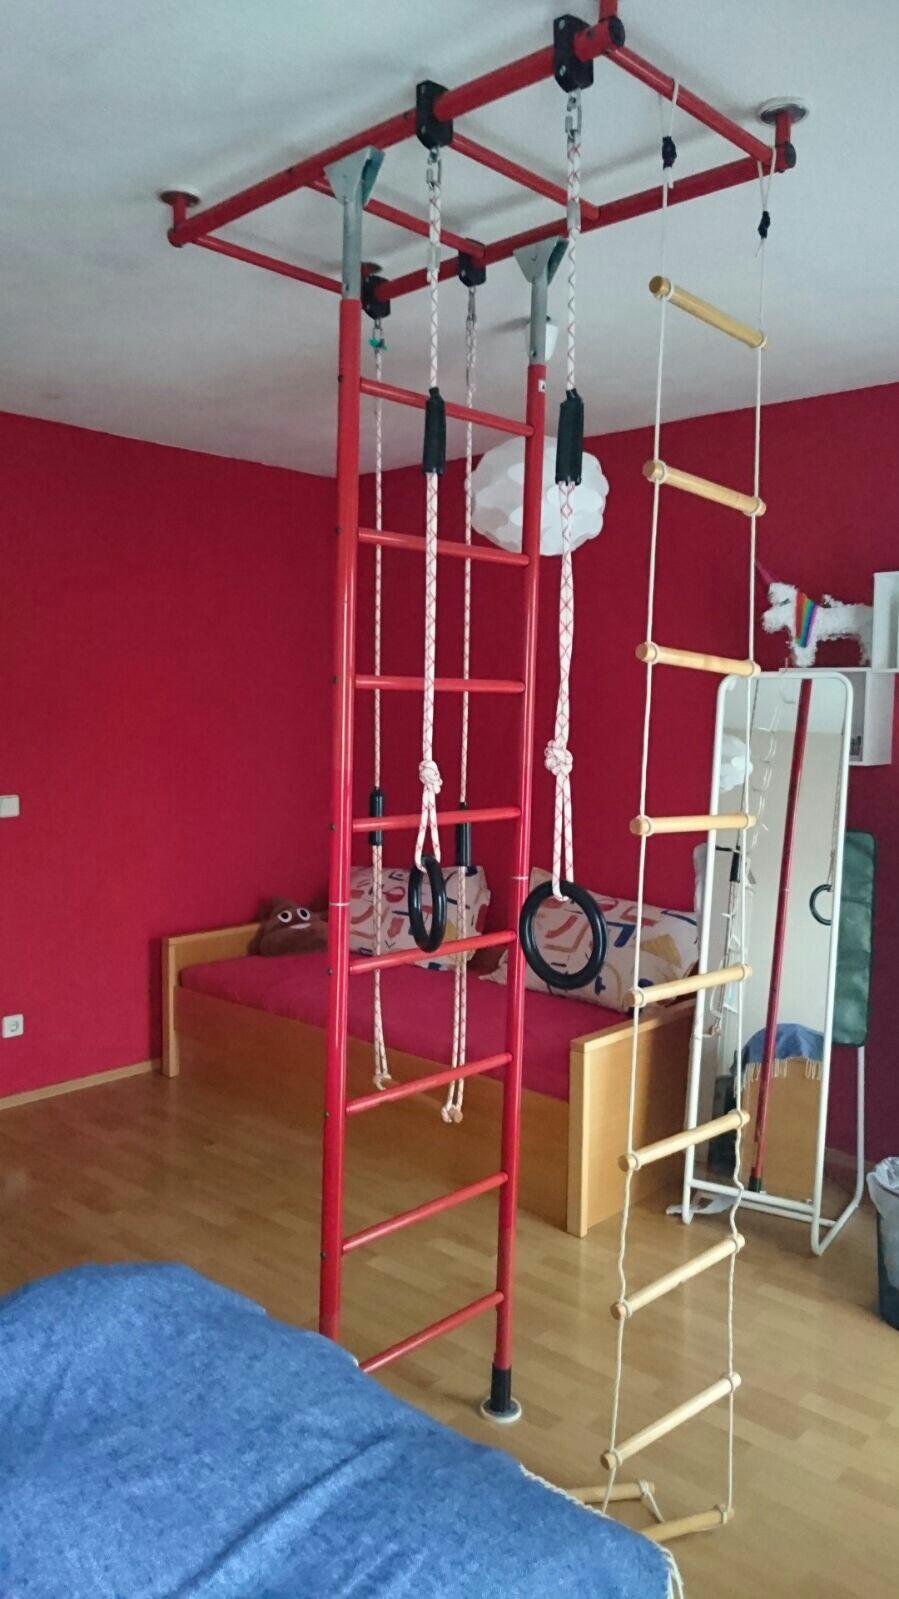 Jako Klettergerüst : Klettergerüst jako o indoor kletterdschungel ebay kleinanzeigen